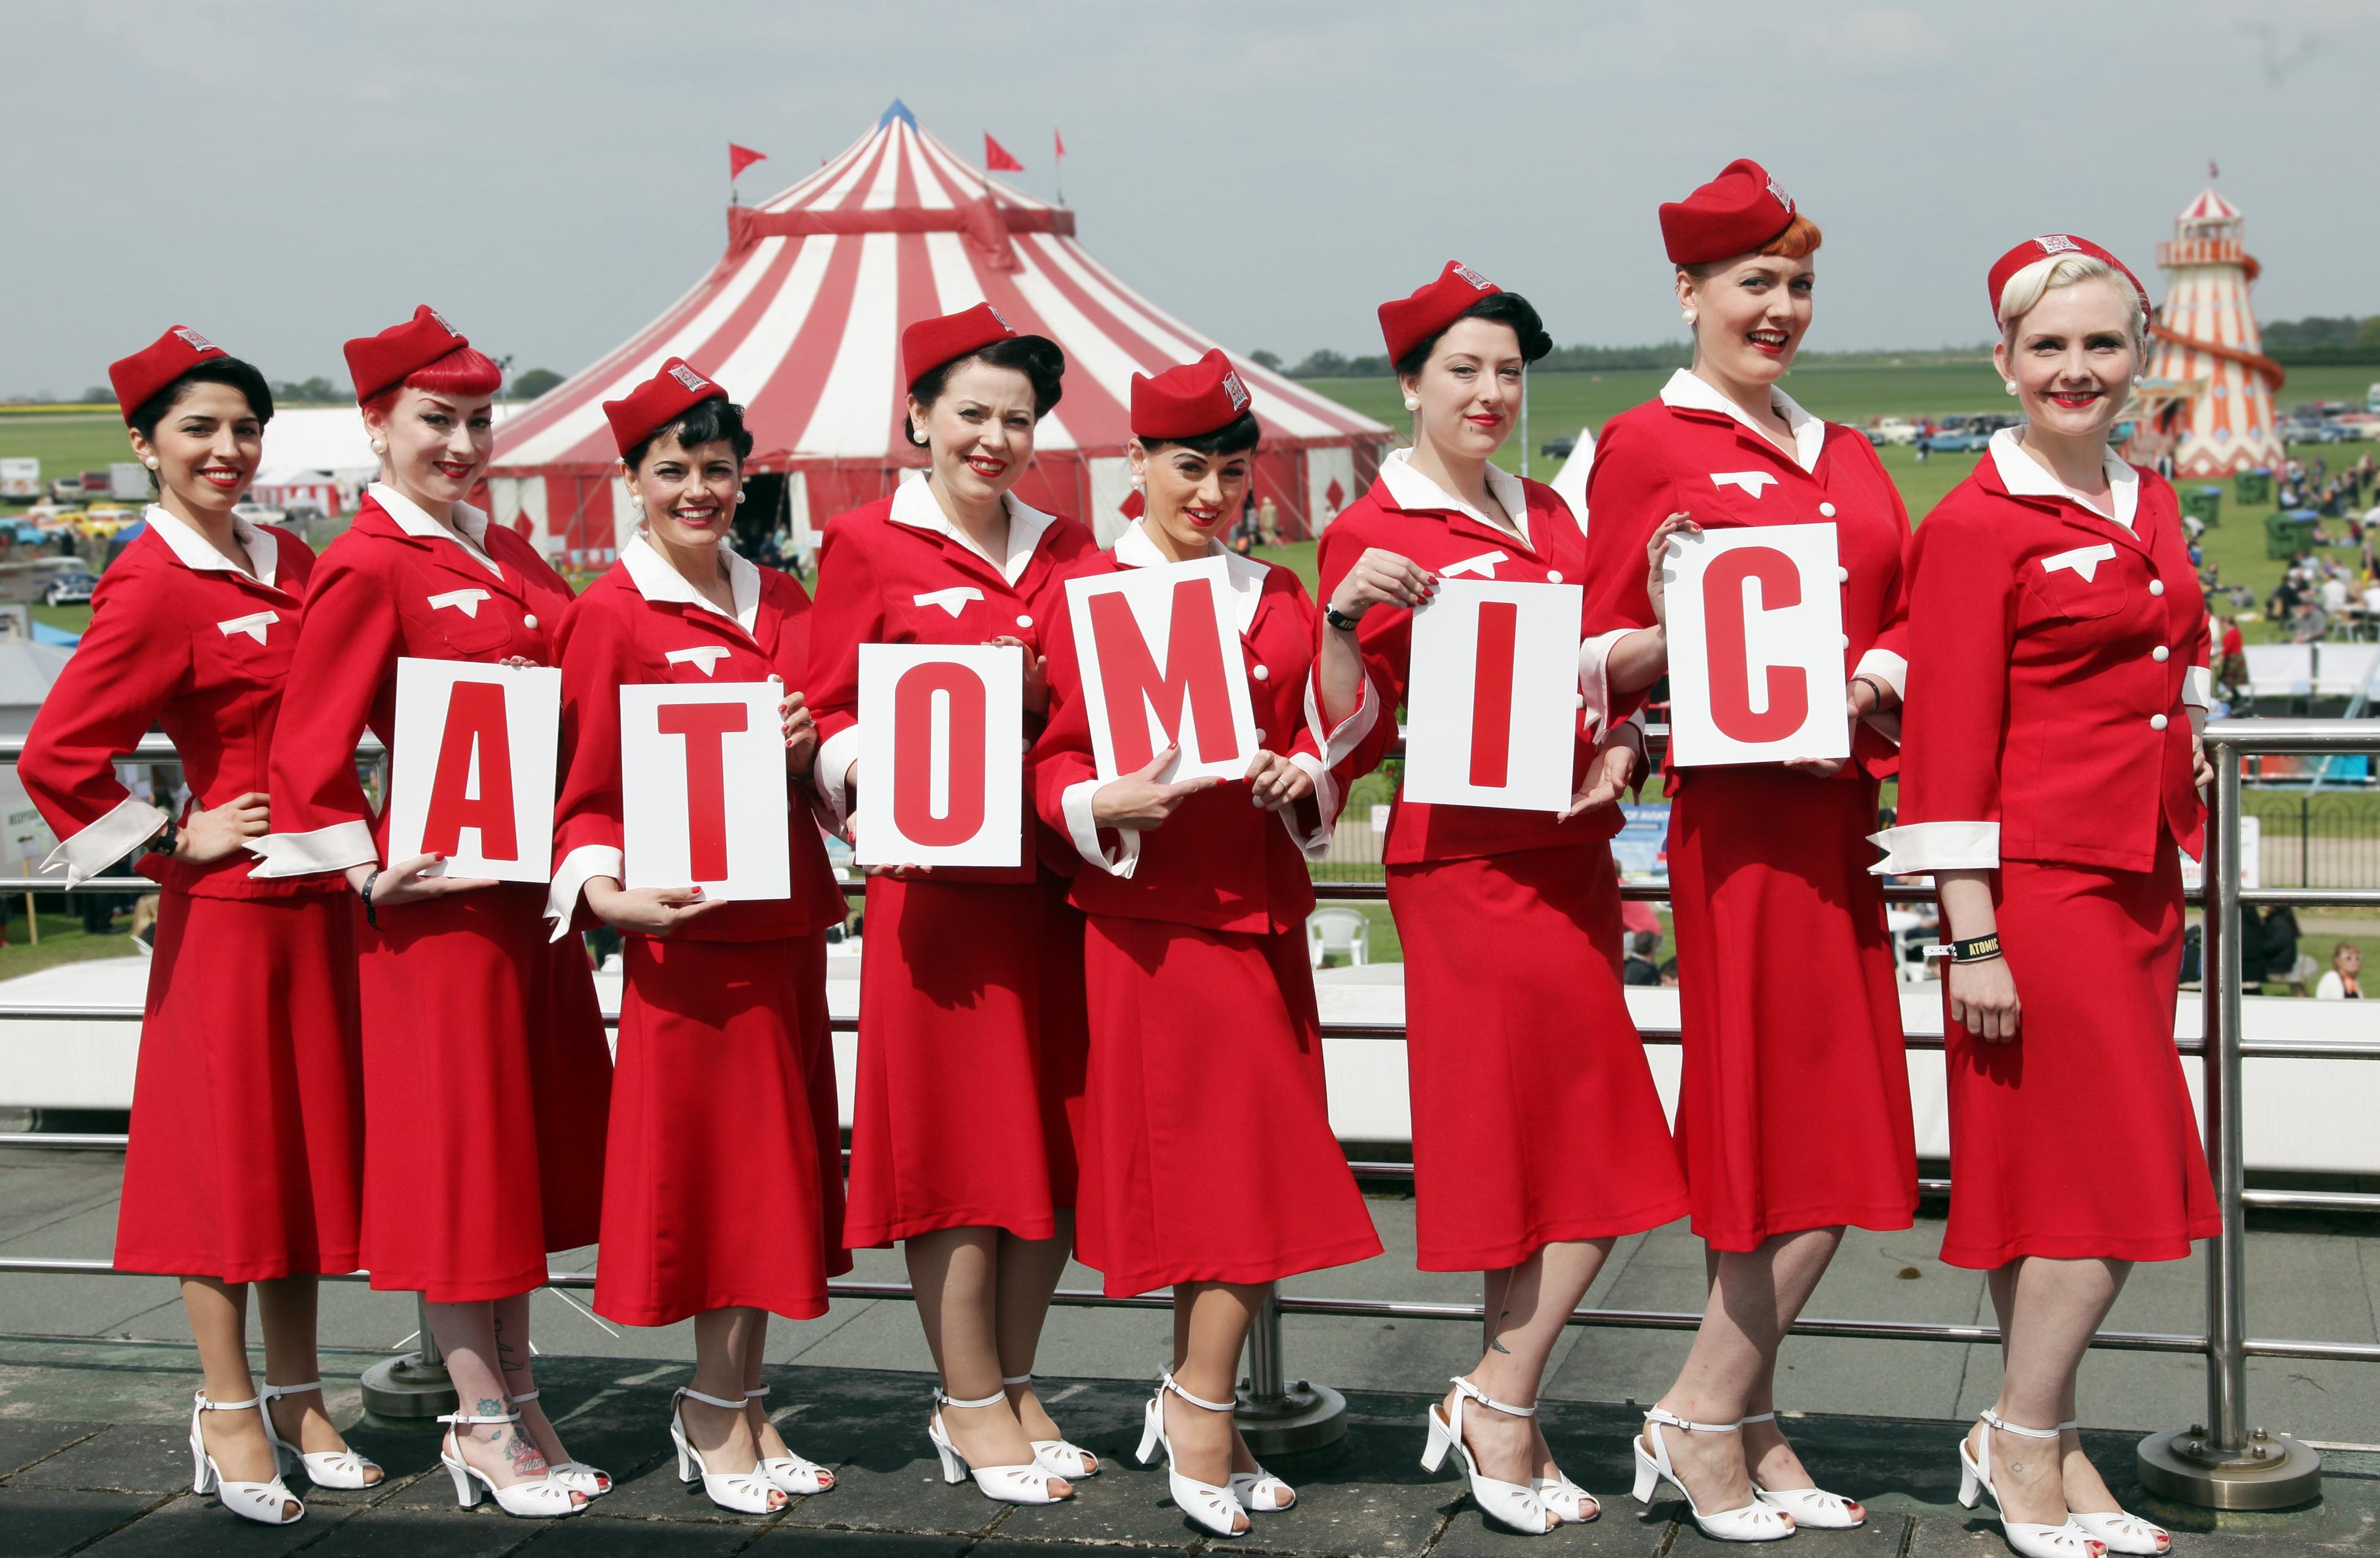 Glamping at Atomic